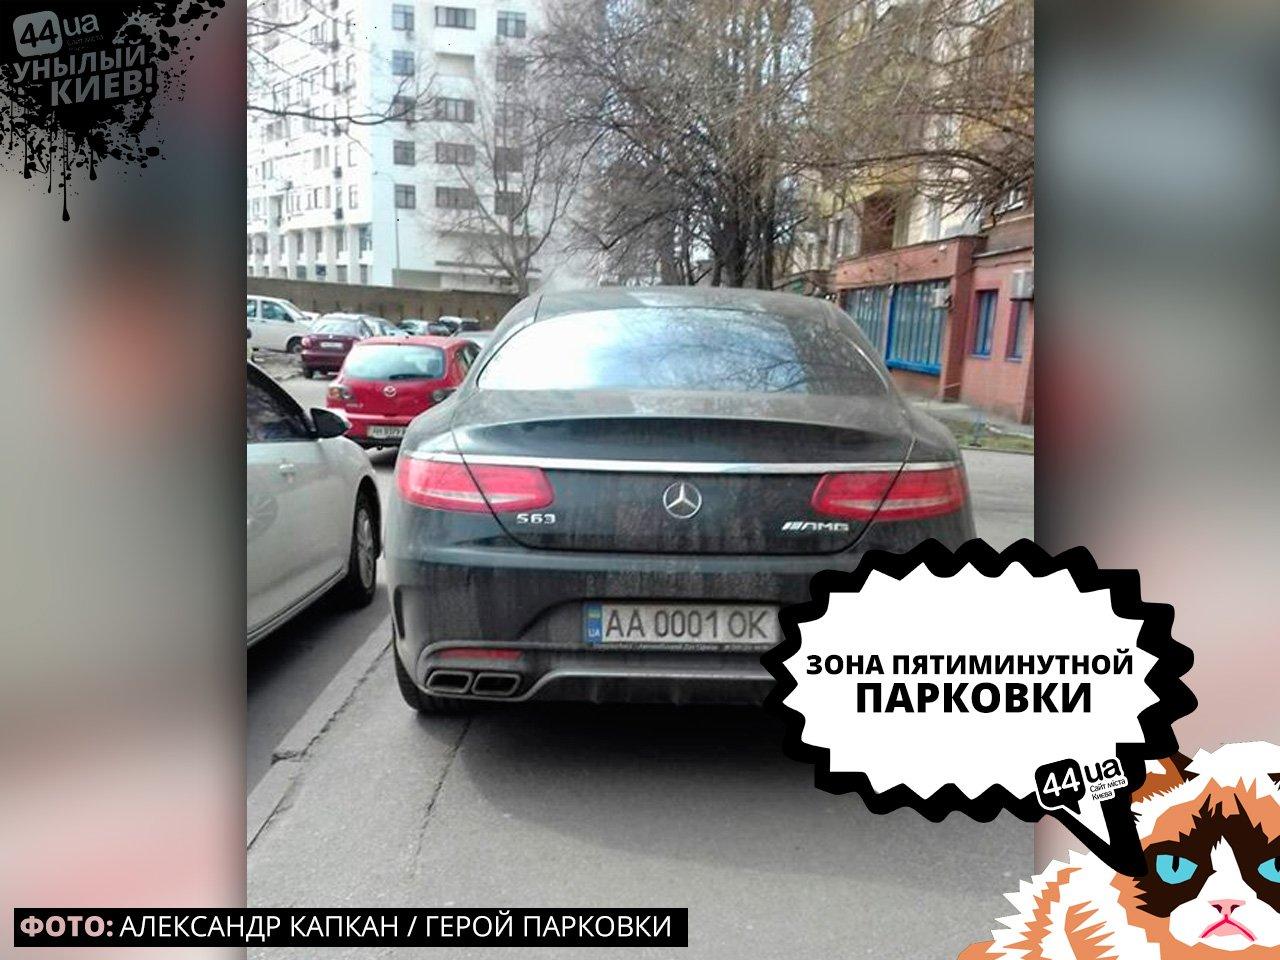 Унылый Киев: ТОП-7 героев парковки, живущих в столице, фото-4